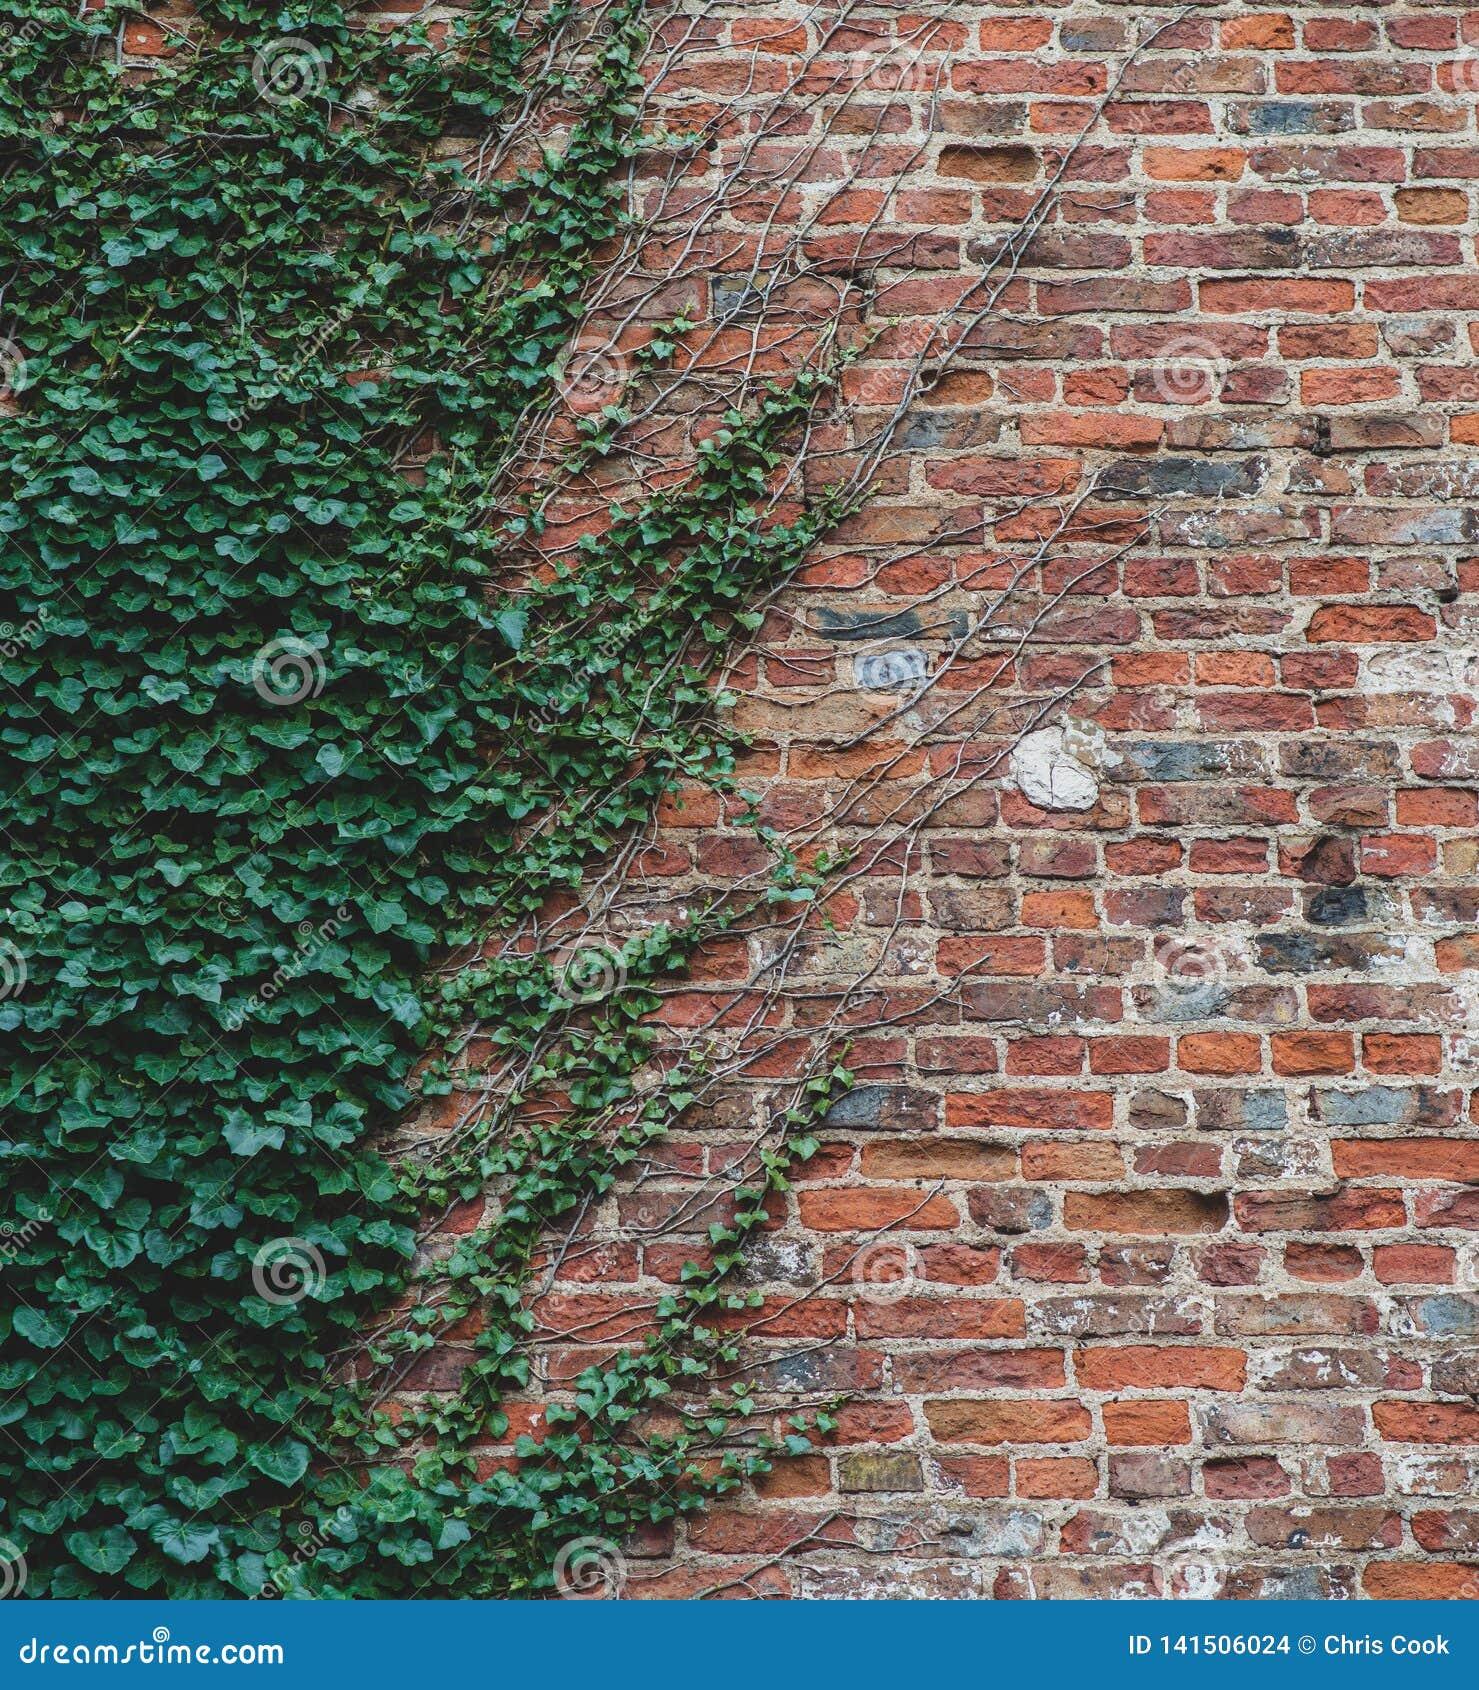 De wijnstokken beklimmen op een bakstenen muur en bieden een interessant half patroon aan